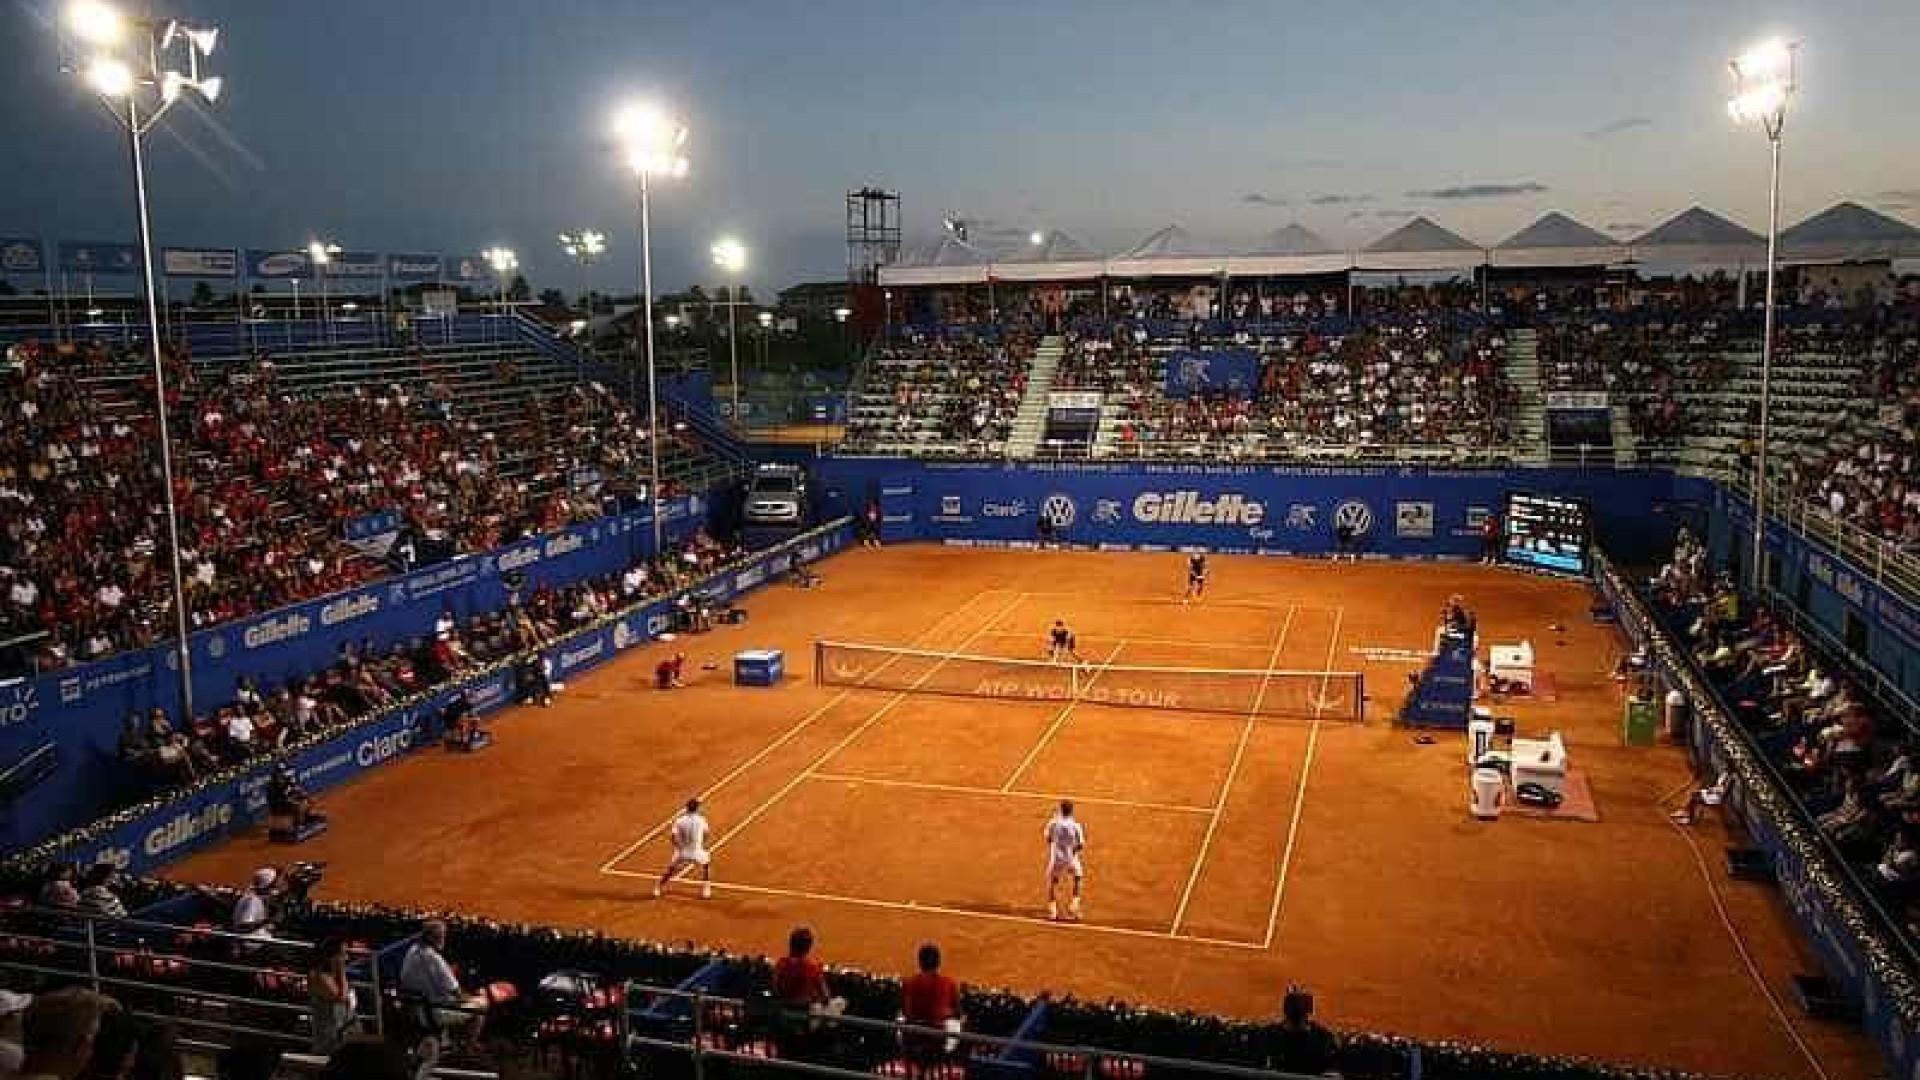 Fora da elite do tênis, Brasil Open tenta reinvenção mais modesta